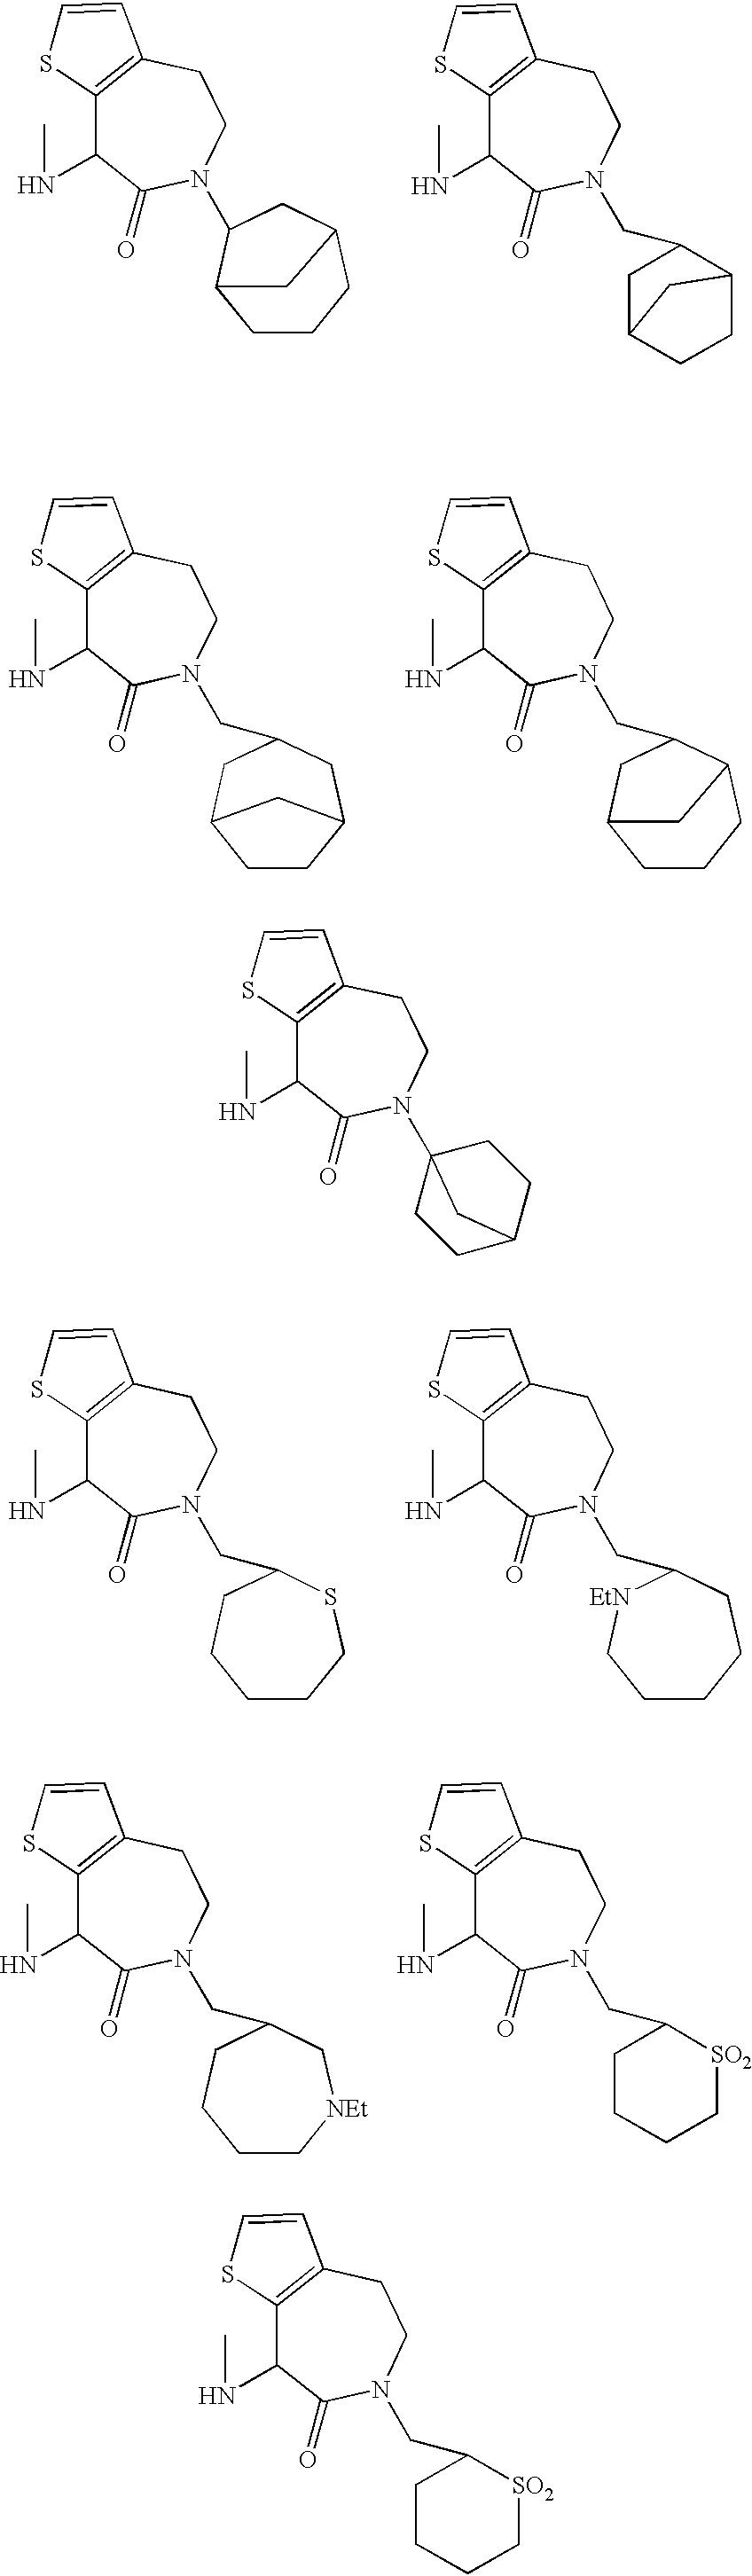 Figure US06509331-20030121-C00062